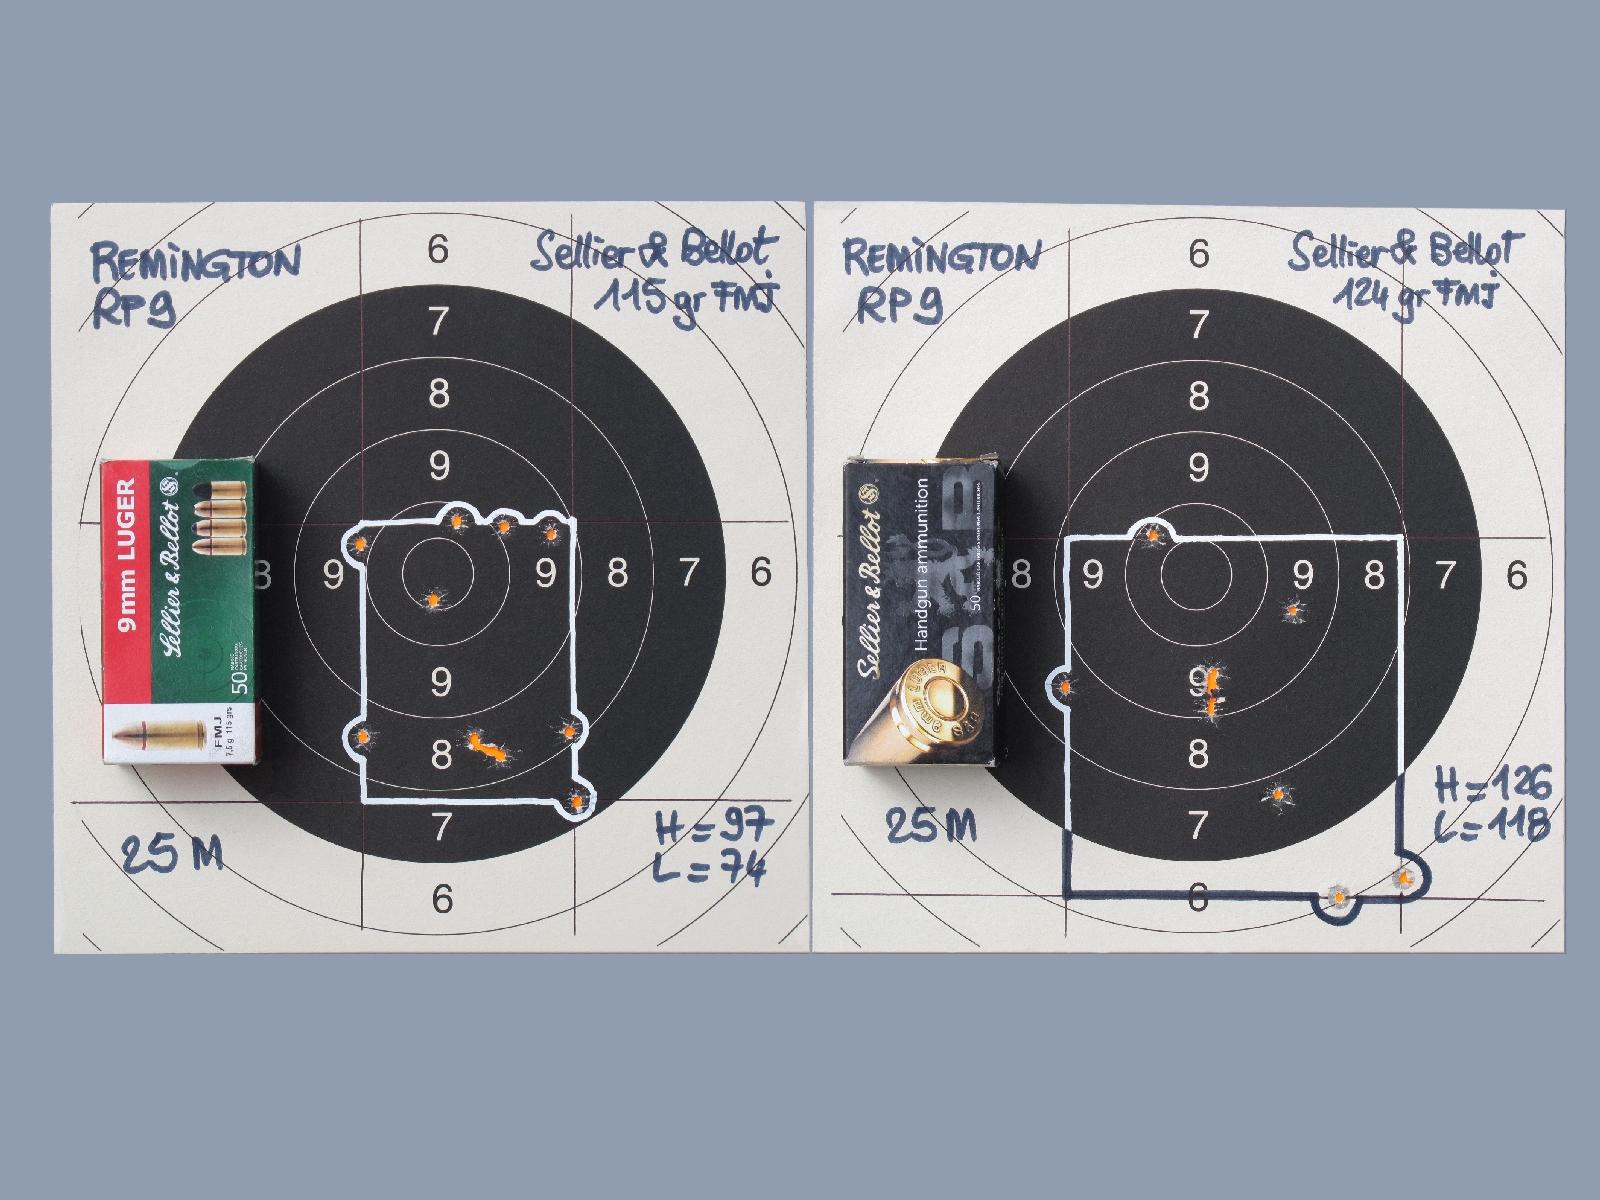 Si elle reste suffisante pour une arme de combat essentiellement destinée à être utilisée à courte distance, sa précision en cible à la distance de vingt-cinq mètres se révèle médiocre aux yeux d'un tireur sportif et elle ne tient pas la comparaison avec certains modèles concurrents.